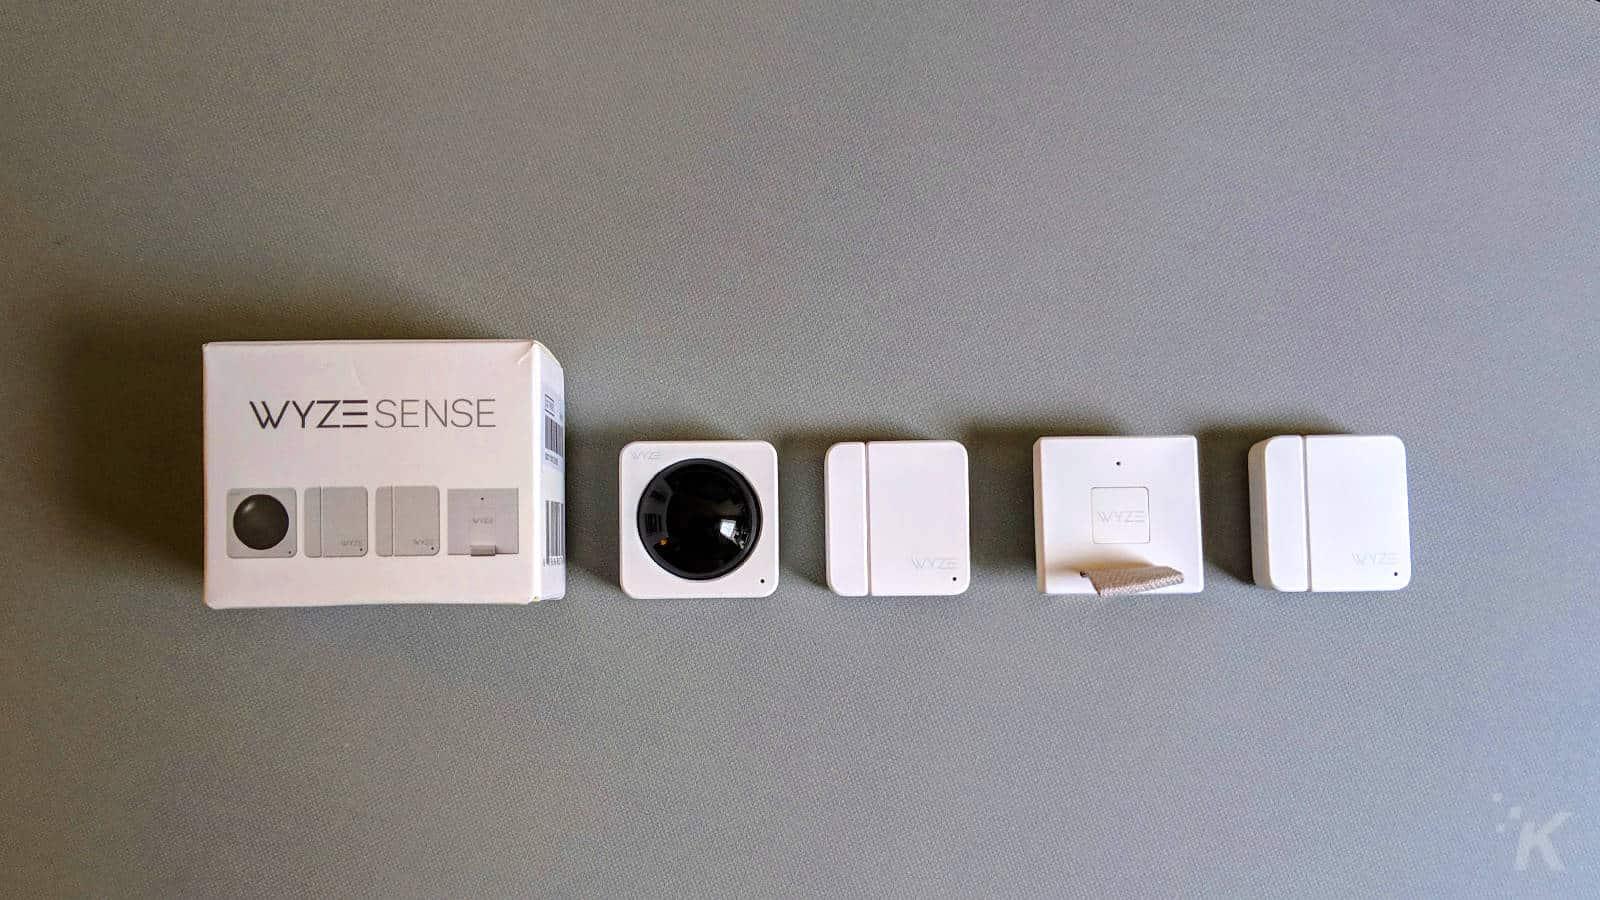 wyze sense camera system